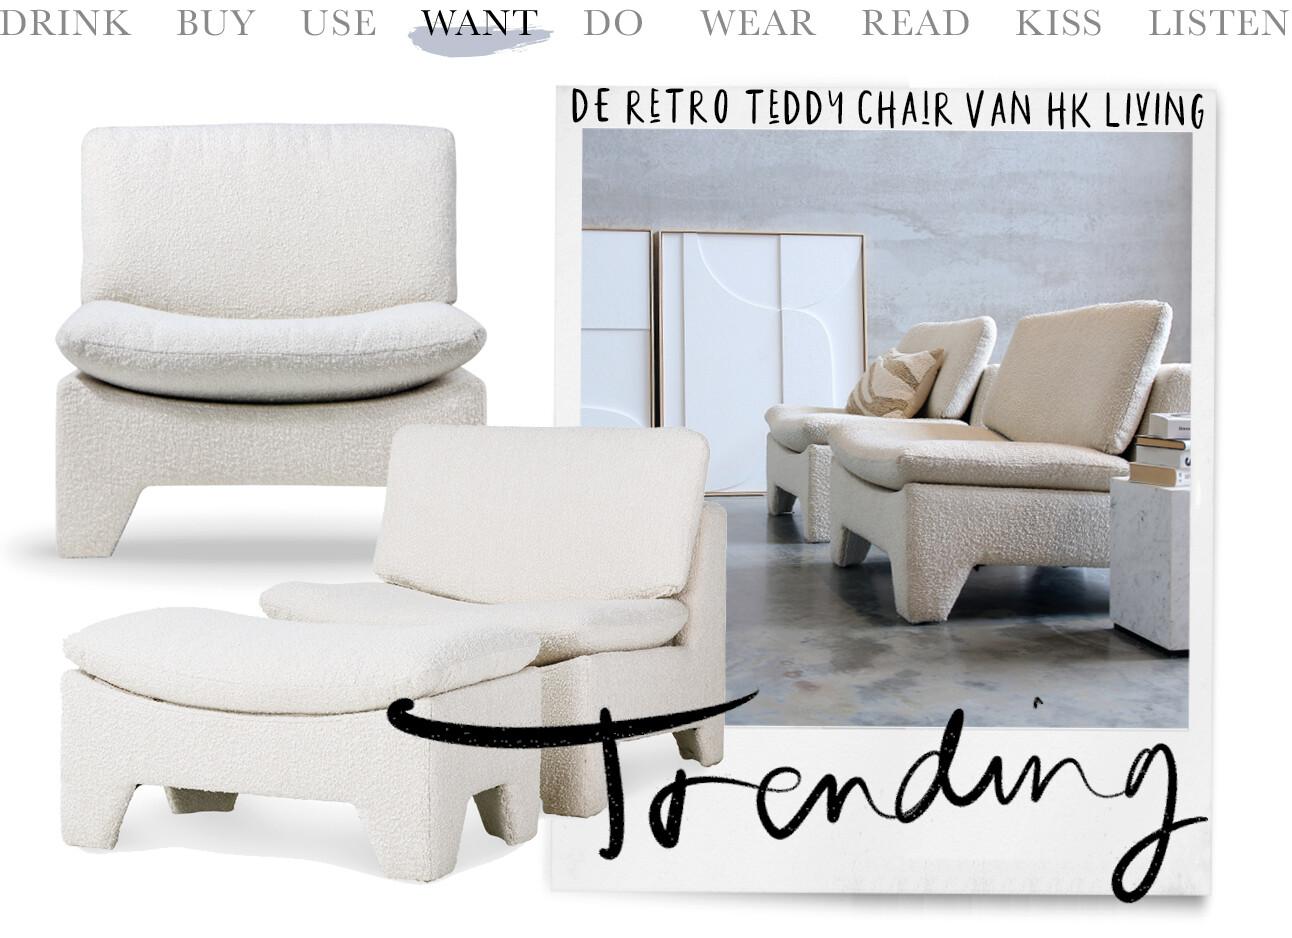 Today we want - de retro teddy chair van HK Living.